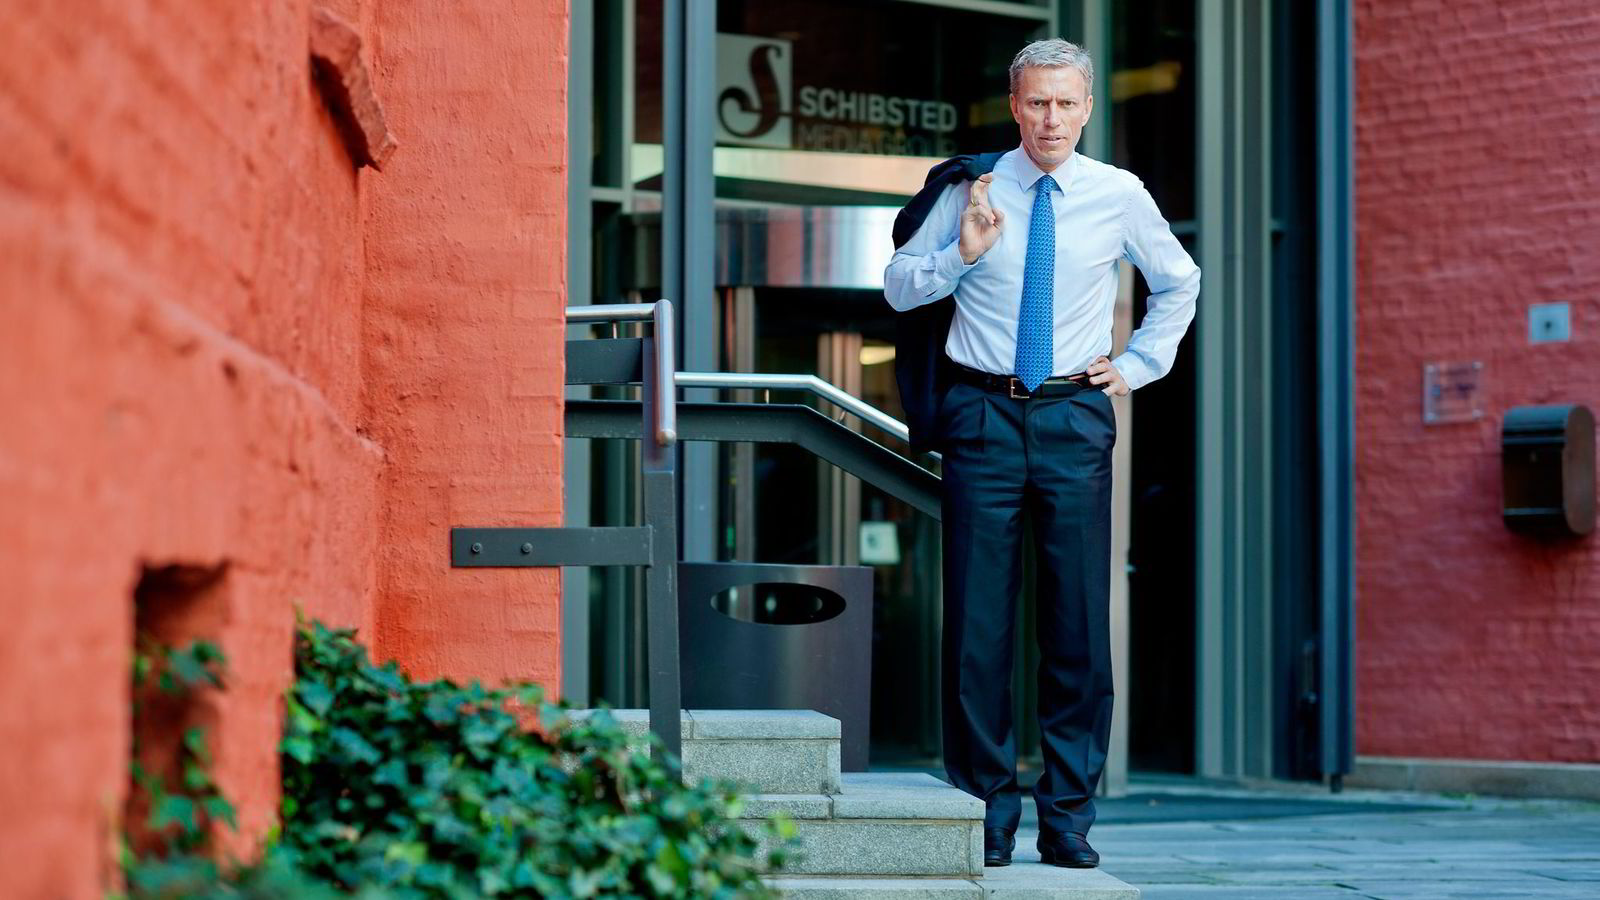 SVIKT. Schibsted rammes av papirannonsesvikt, men konsernsjef Rolv Erik Ryssdal er fornøyd med at inntektene fra online-rubrikker som Finn.no vokser. Foto: Silje Eide